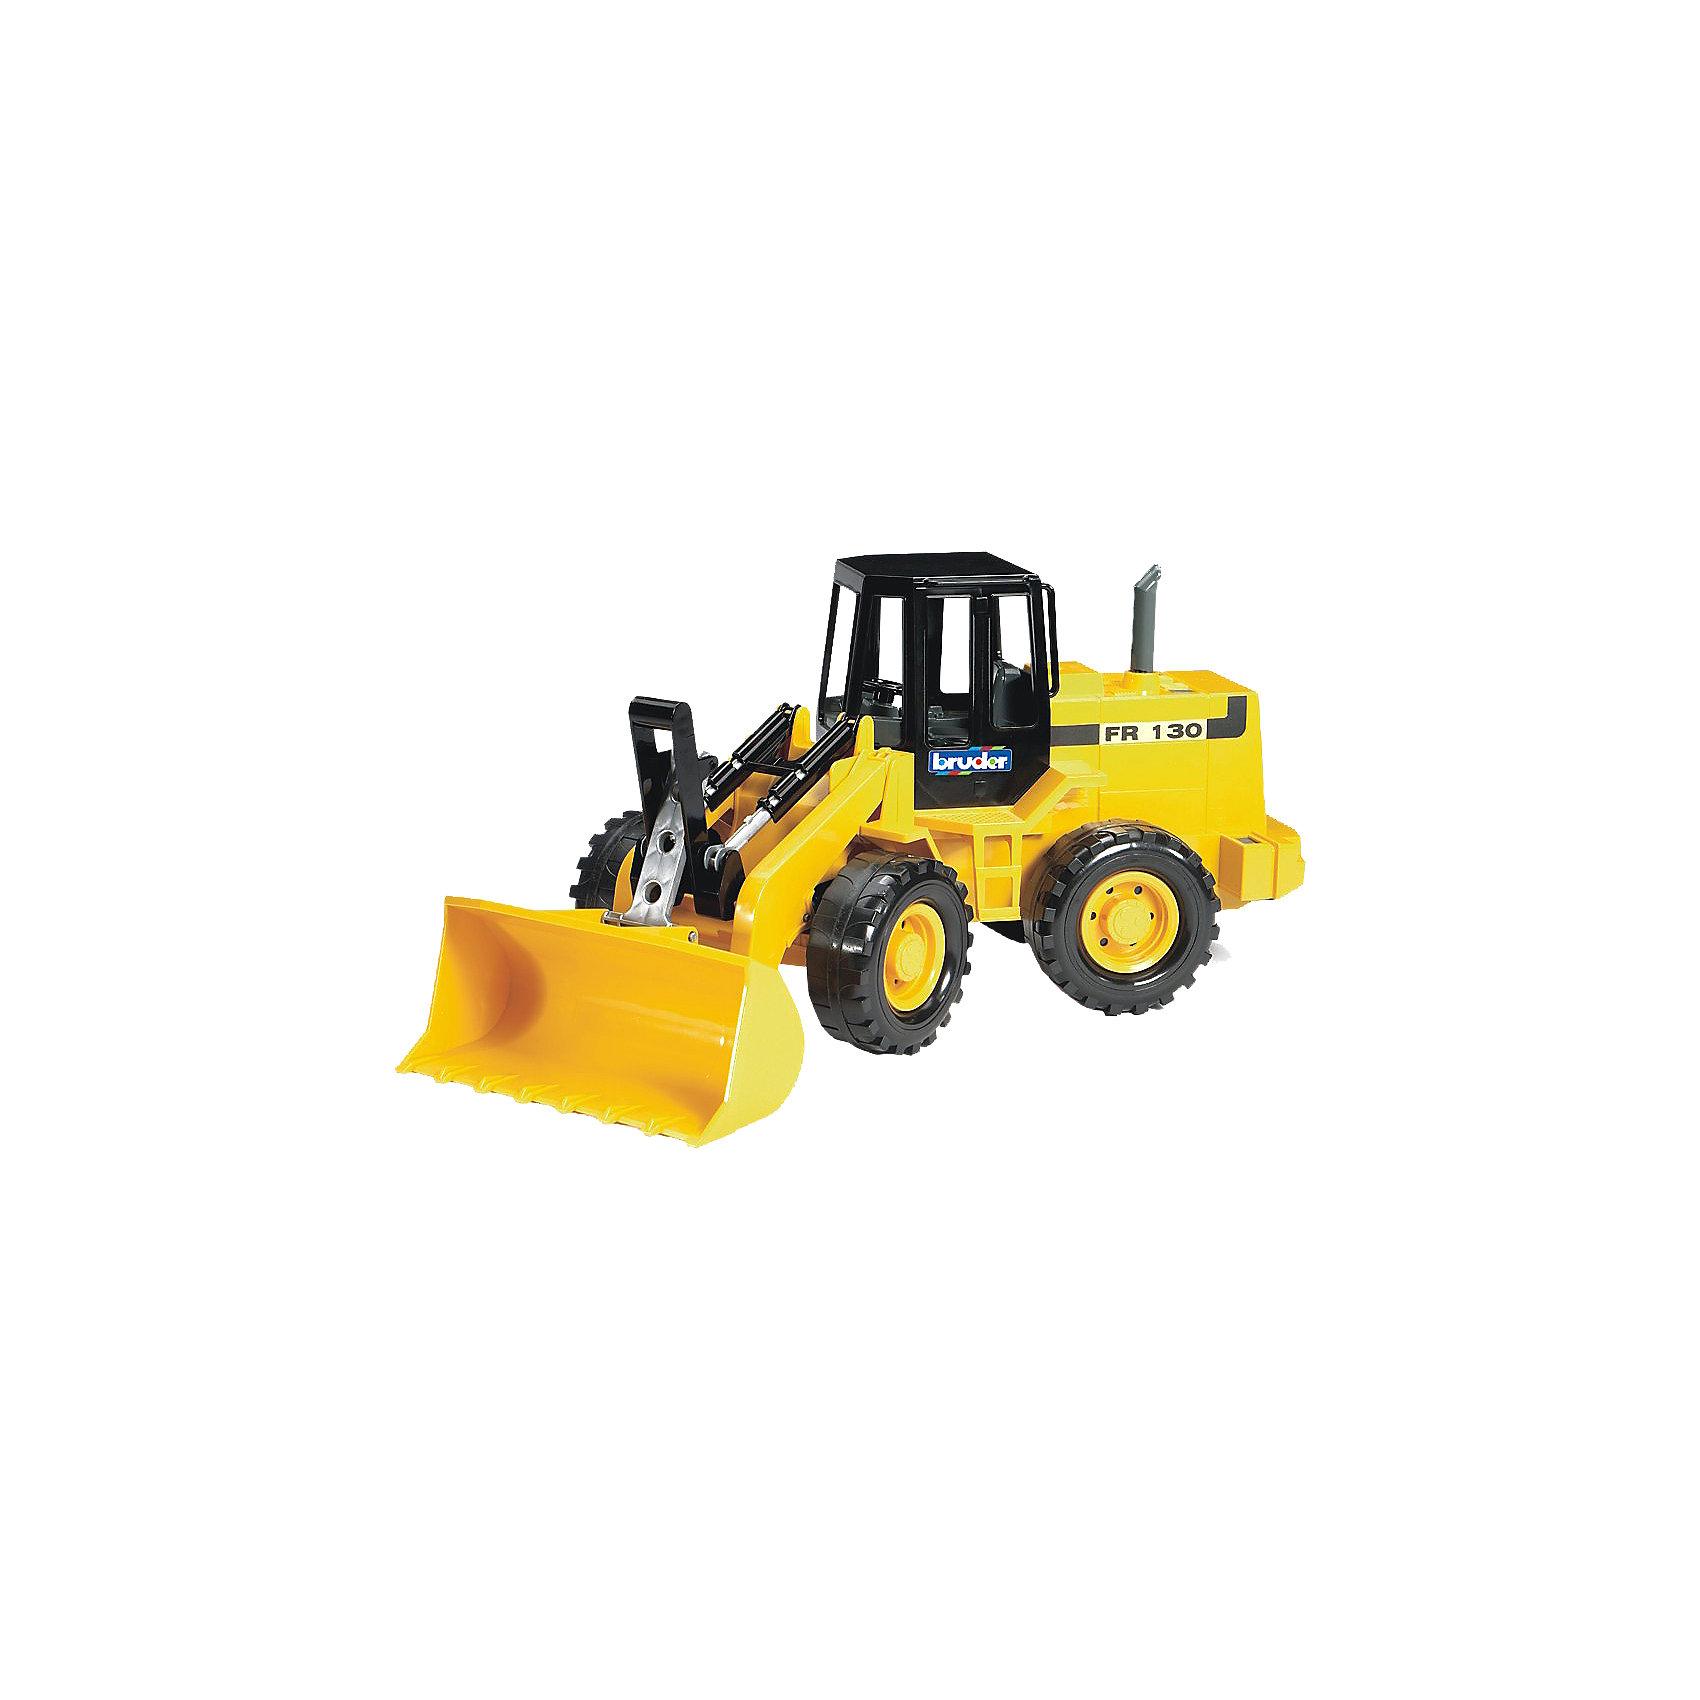 Бульдозер колёсный FR 130,  BruderКоллекционные модели<br>Бульдозер колёсный FR 130 Bruder является моделью реальной строительной машины. Яркая интересная игрушка для мальчиков имеет подвижные детали, которые, безусловно, оценят дети.<br>Капот бульдозера Брудер открывается, демонстрируя двигательные механизмы. Детализированный салон, рельефные бампер, воздухозаборник, выхлопная труба, - все это прекрасно сочетается в детской игрушке. Ковш бульдозера способен подниматься до 90 градусов вверх. Его можно установить на необходимую высоту и зафиксировать с помощью специальной защелки. Угол наклона самого ковша меняется при помощи расположенного рядом черного рычага.  Бульдозер колёсный FR 130  имеет подвижные относительно друг друга части. Часть бульдозера Bruder 02-425  с ковшом поворачивается при помощи руля в кабине, что делает его маневренным, облегчает управление и сбор сыпучих веществ. <br><br>Дополнительная информация:<br><br>- Размер игрушки: 40 х 15 х 18 см.<br>- Модель изготовлена из высококачественной прочной пластмассы.<br>- Масштаб: 1:16<br><br>Бульдозер колёсный FR 130,  Bruder можно купить в нашем магазине.<br><br>Ширина мм: 425<br>Глубина мм: 223<br>Высота мм: 187<br>Вес г: 783<br>Возраст от месяцев: 36<br>Возраст до месяцев: 96<br>Пол: Мужской<br>Возраст: Детский<br>SKU: 1027832